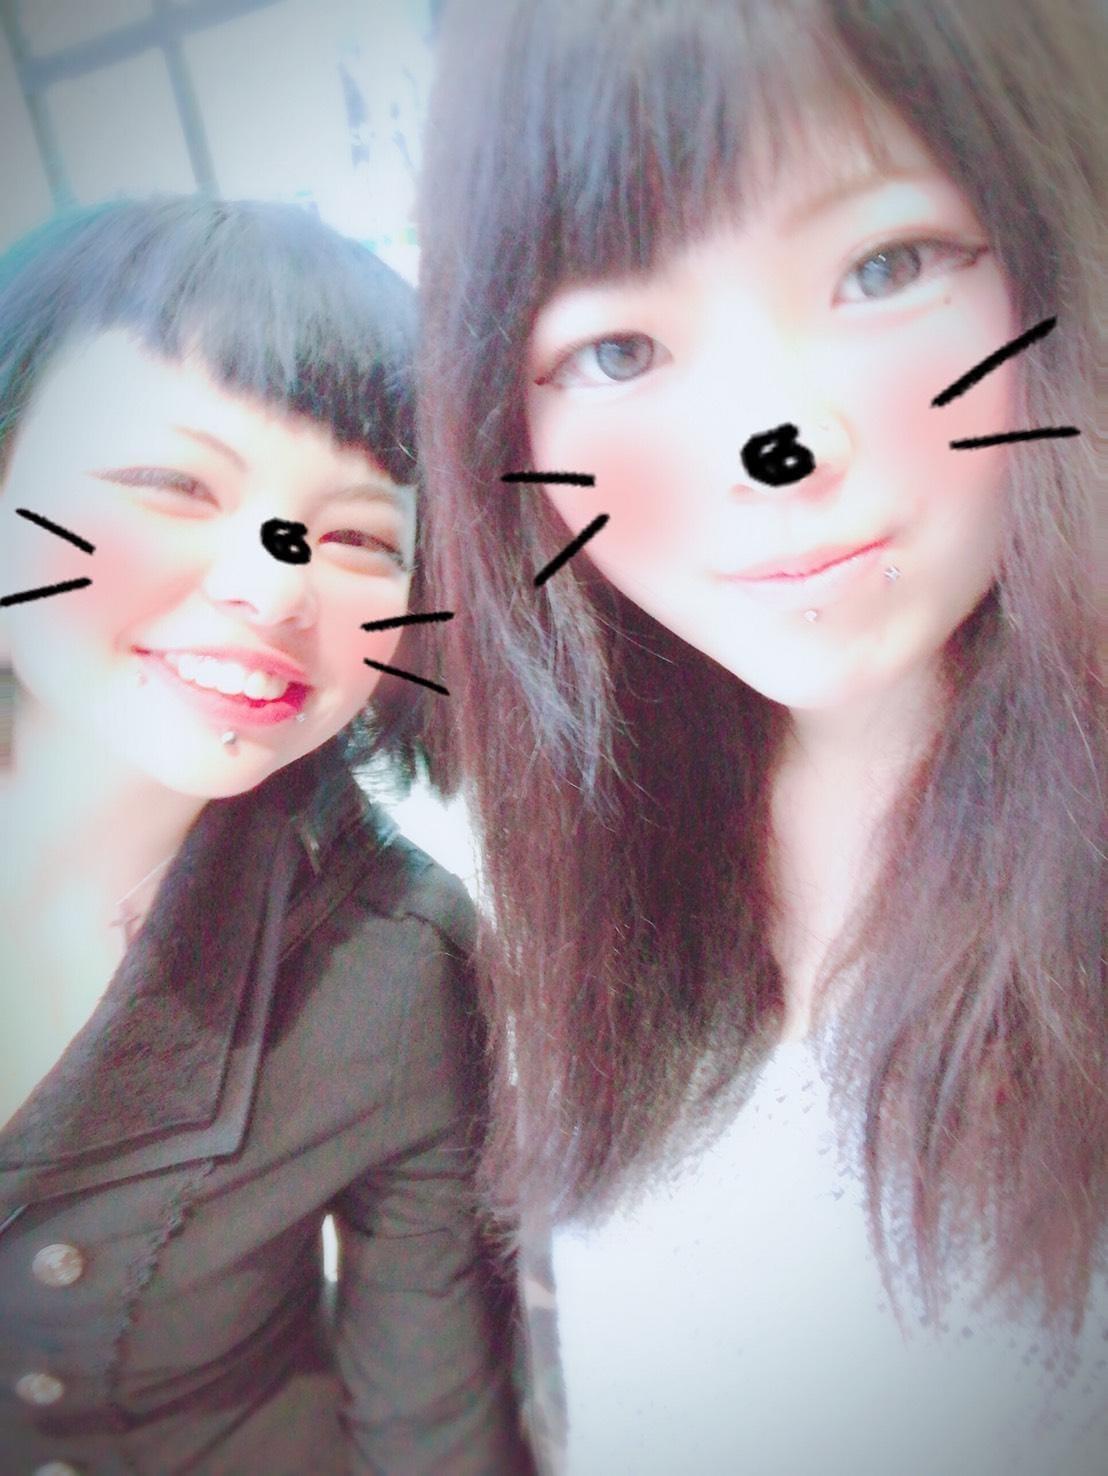 「出勤終了☆*:.。. o(≧▽≦)o .。.:*☆」05/17(木) 04:46 | 新田 ゆいの写メ・風俗動画